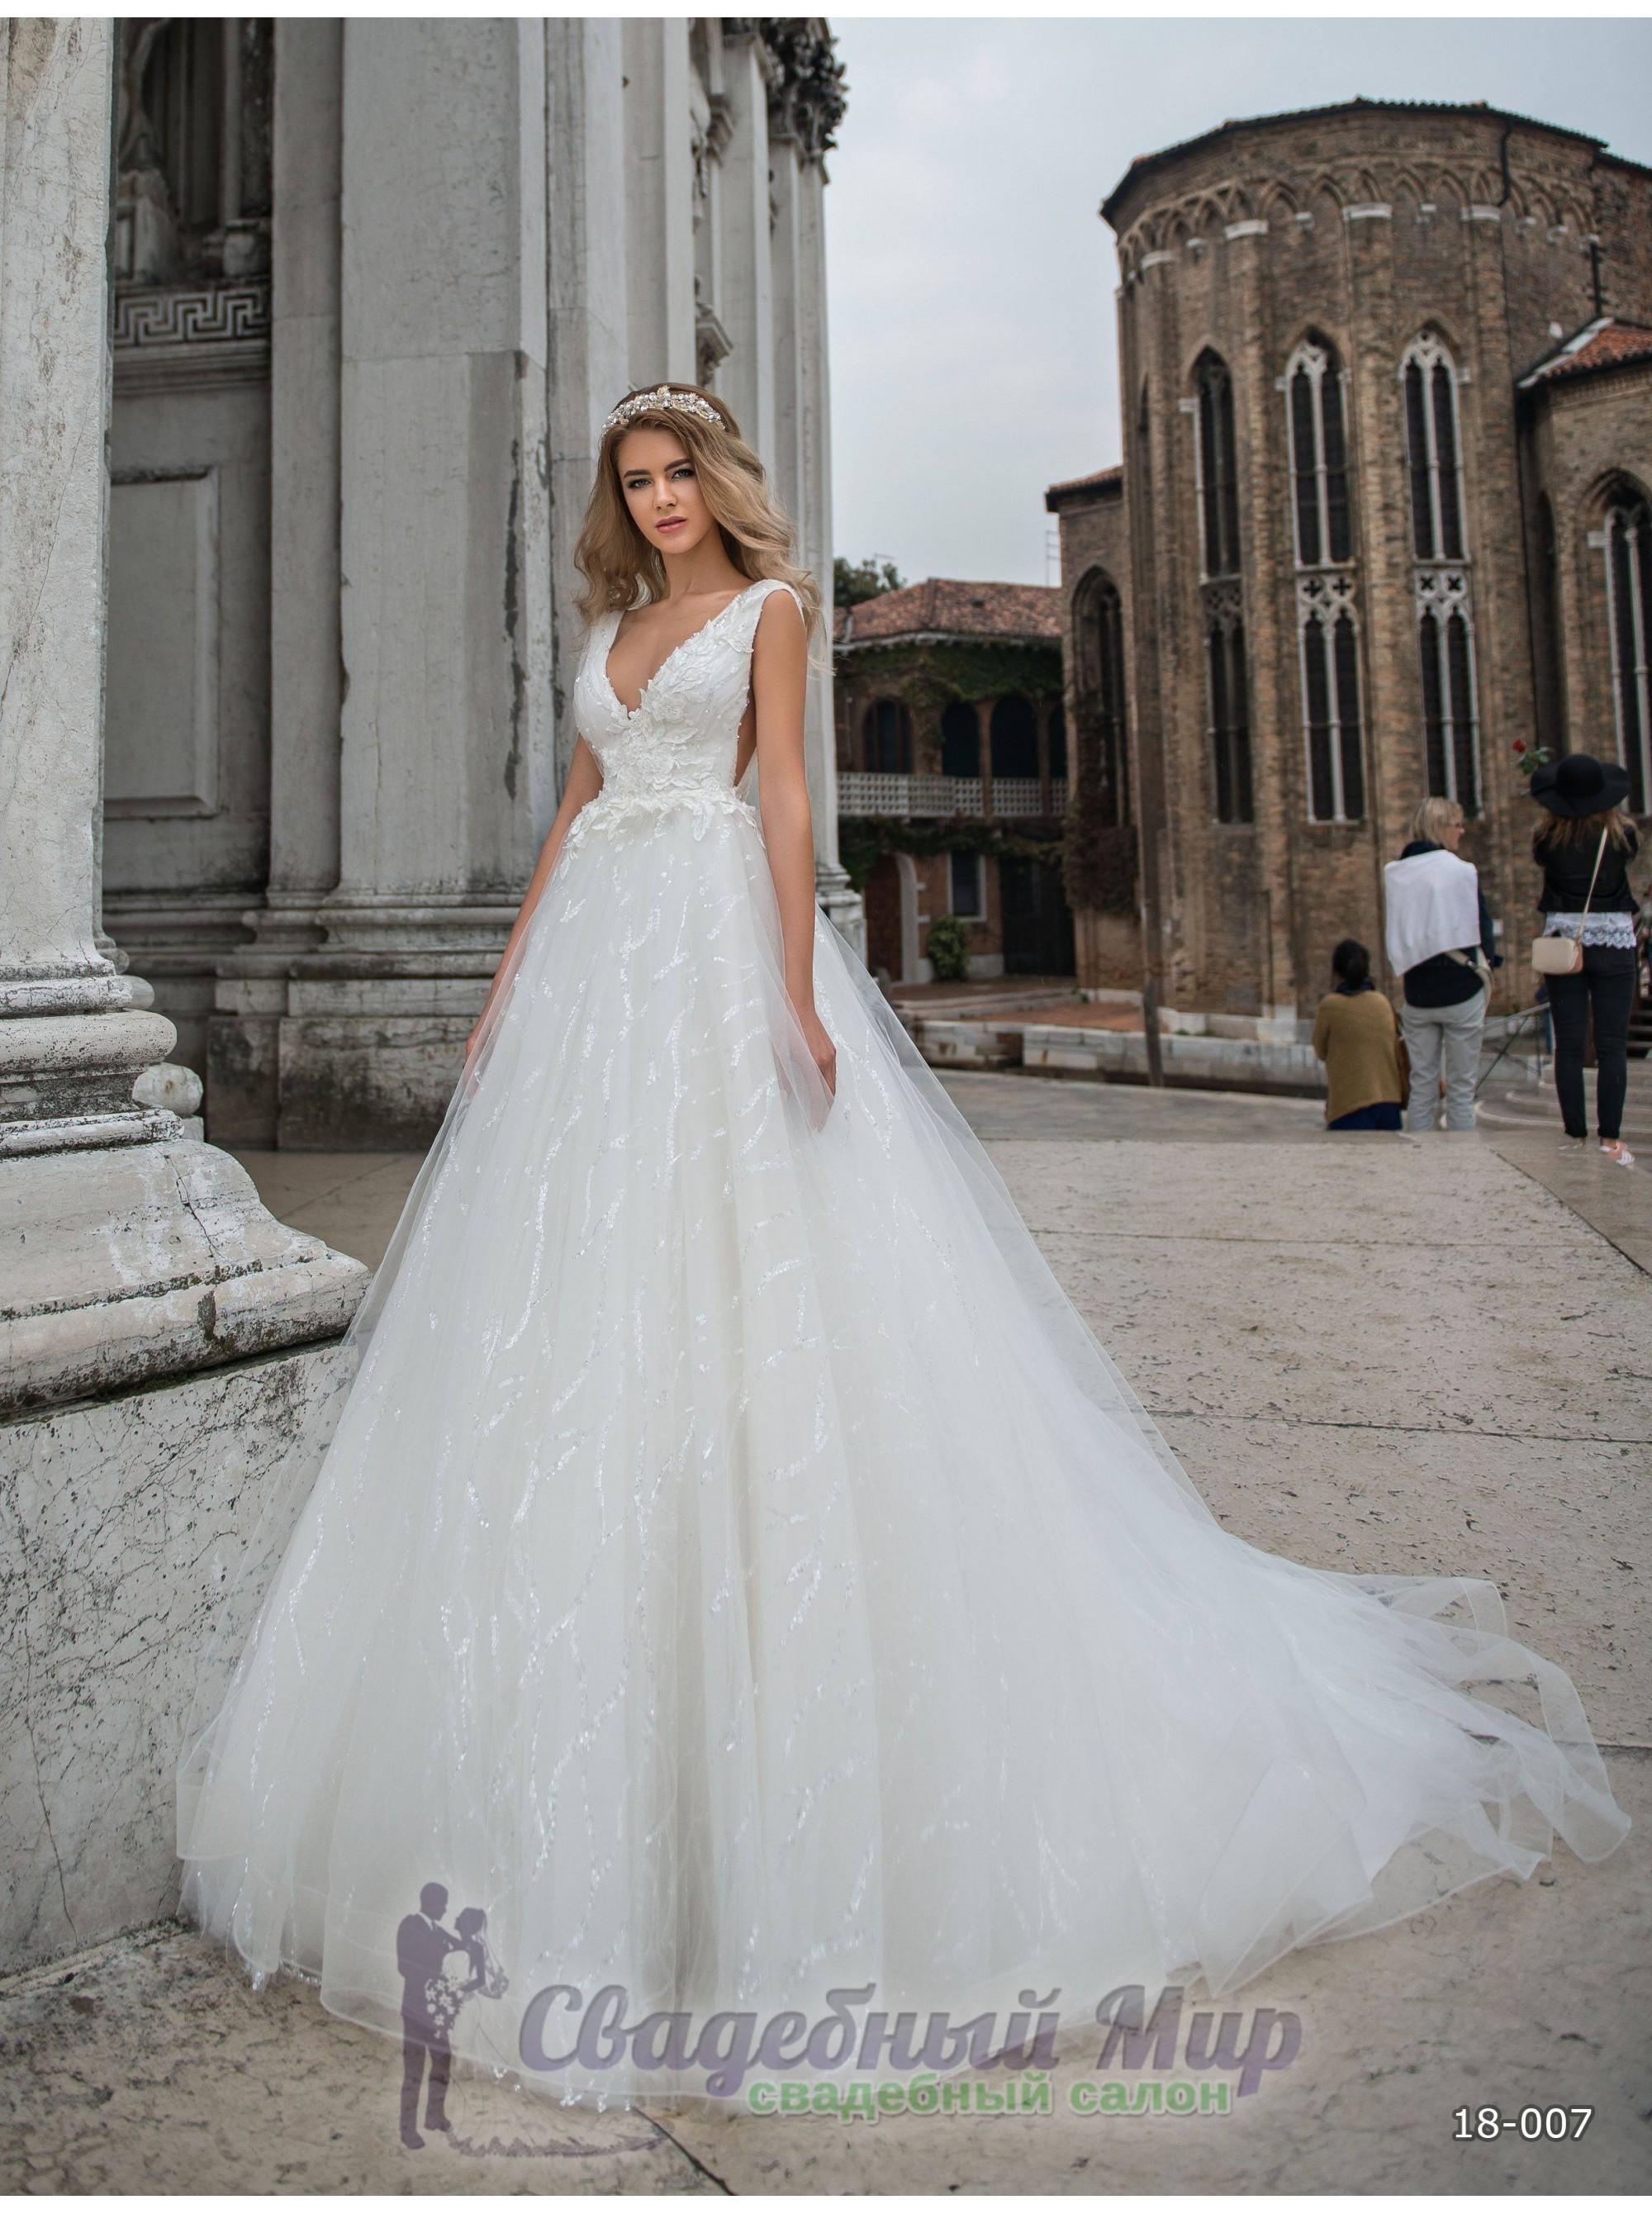 fc15d332337 Купить красивое свадебное платье 18-007 - самое красивое свадебное ...